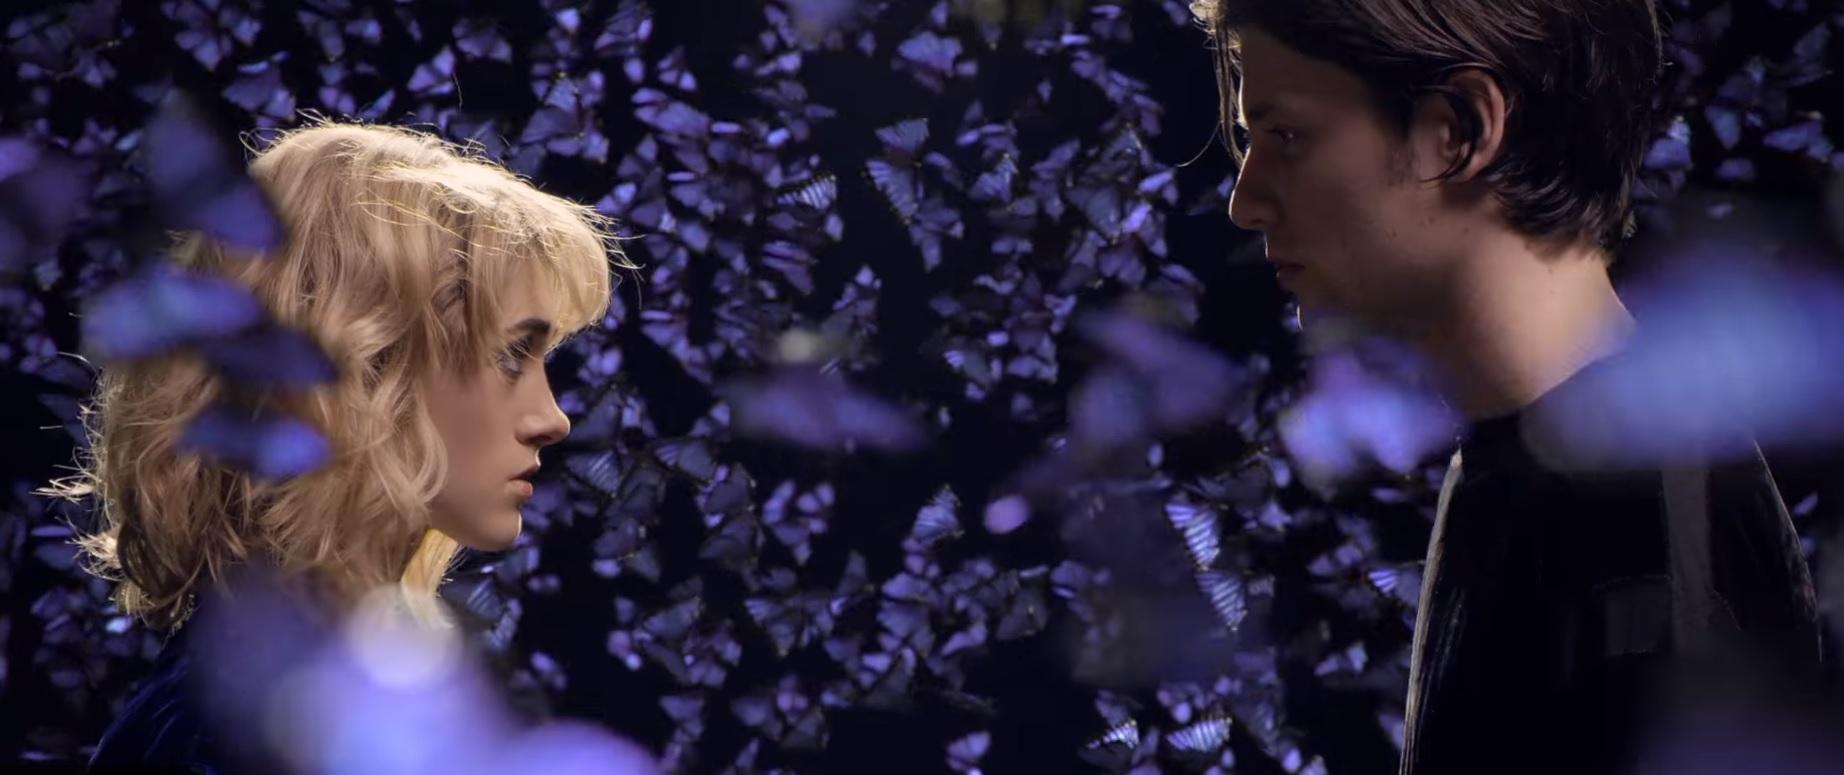 """James Bay lança clipe lindíssimo de """"Wild Love""""com atriz de """"Stranger Things""""; assista!"""